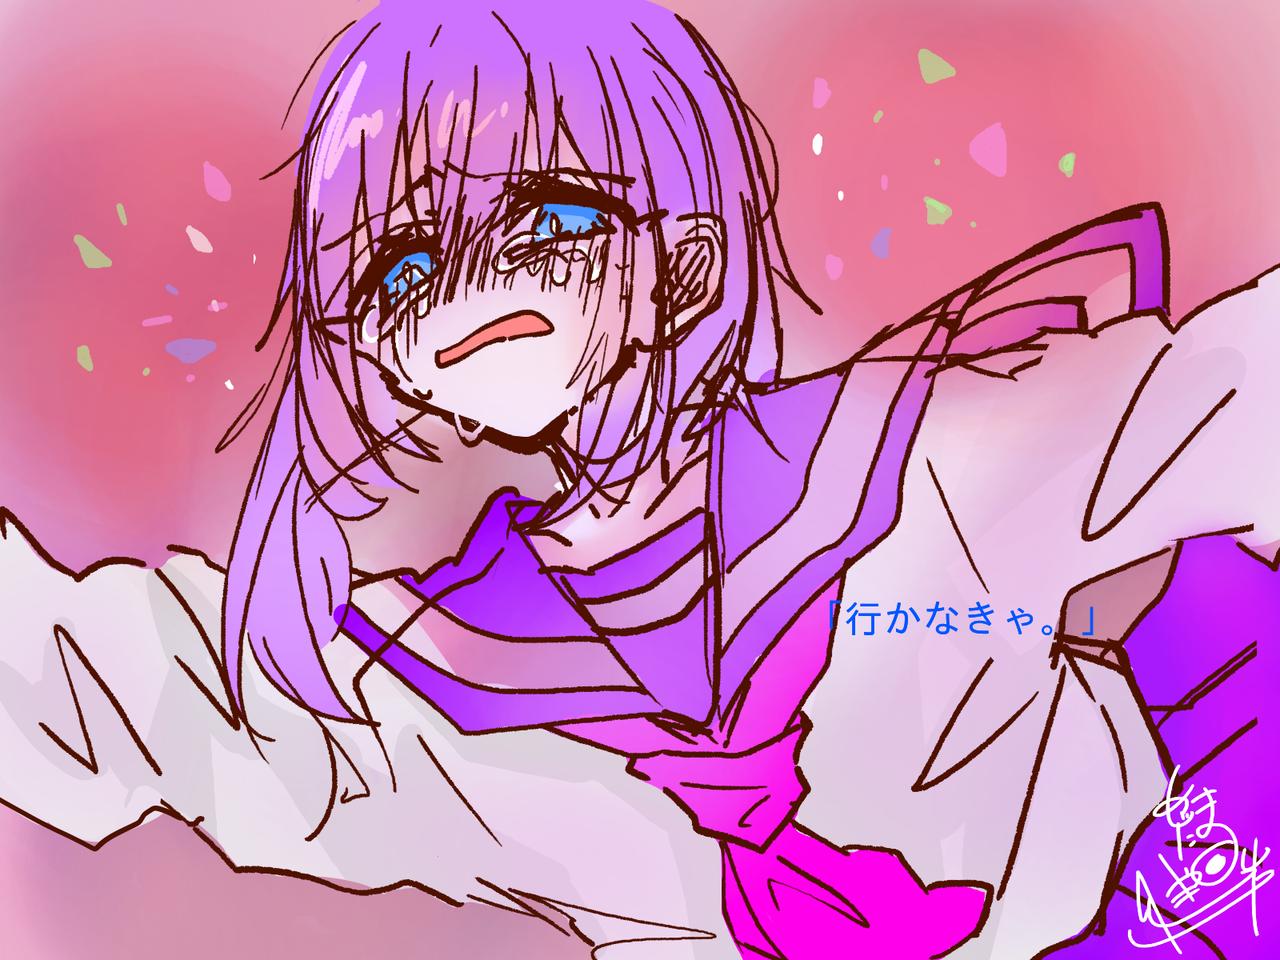 『抜け出せ。』 Illust of めだまやき#中2病 digital angel purple oc pink sailor_uniform kawaii